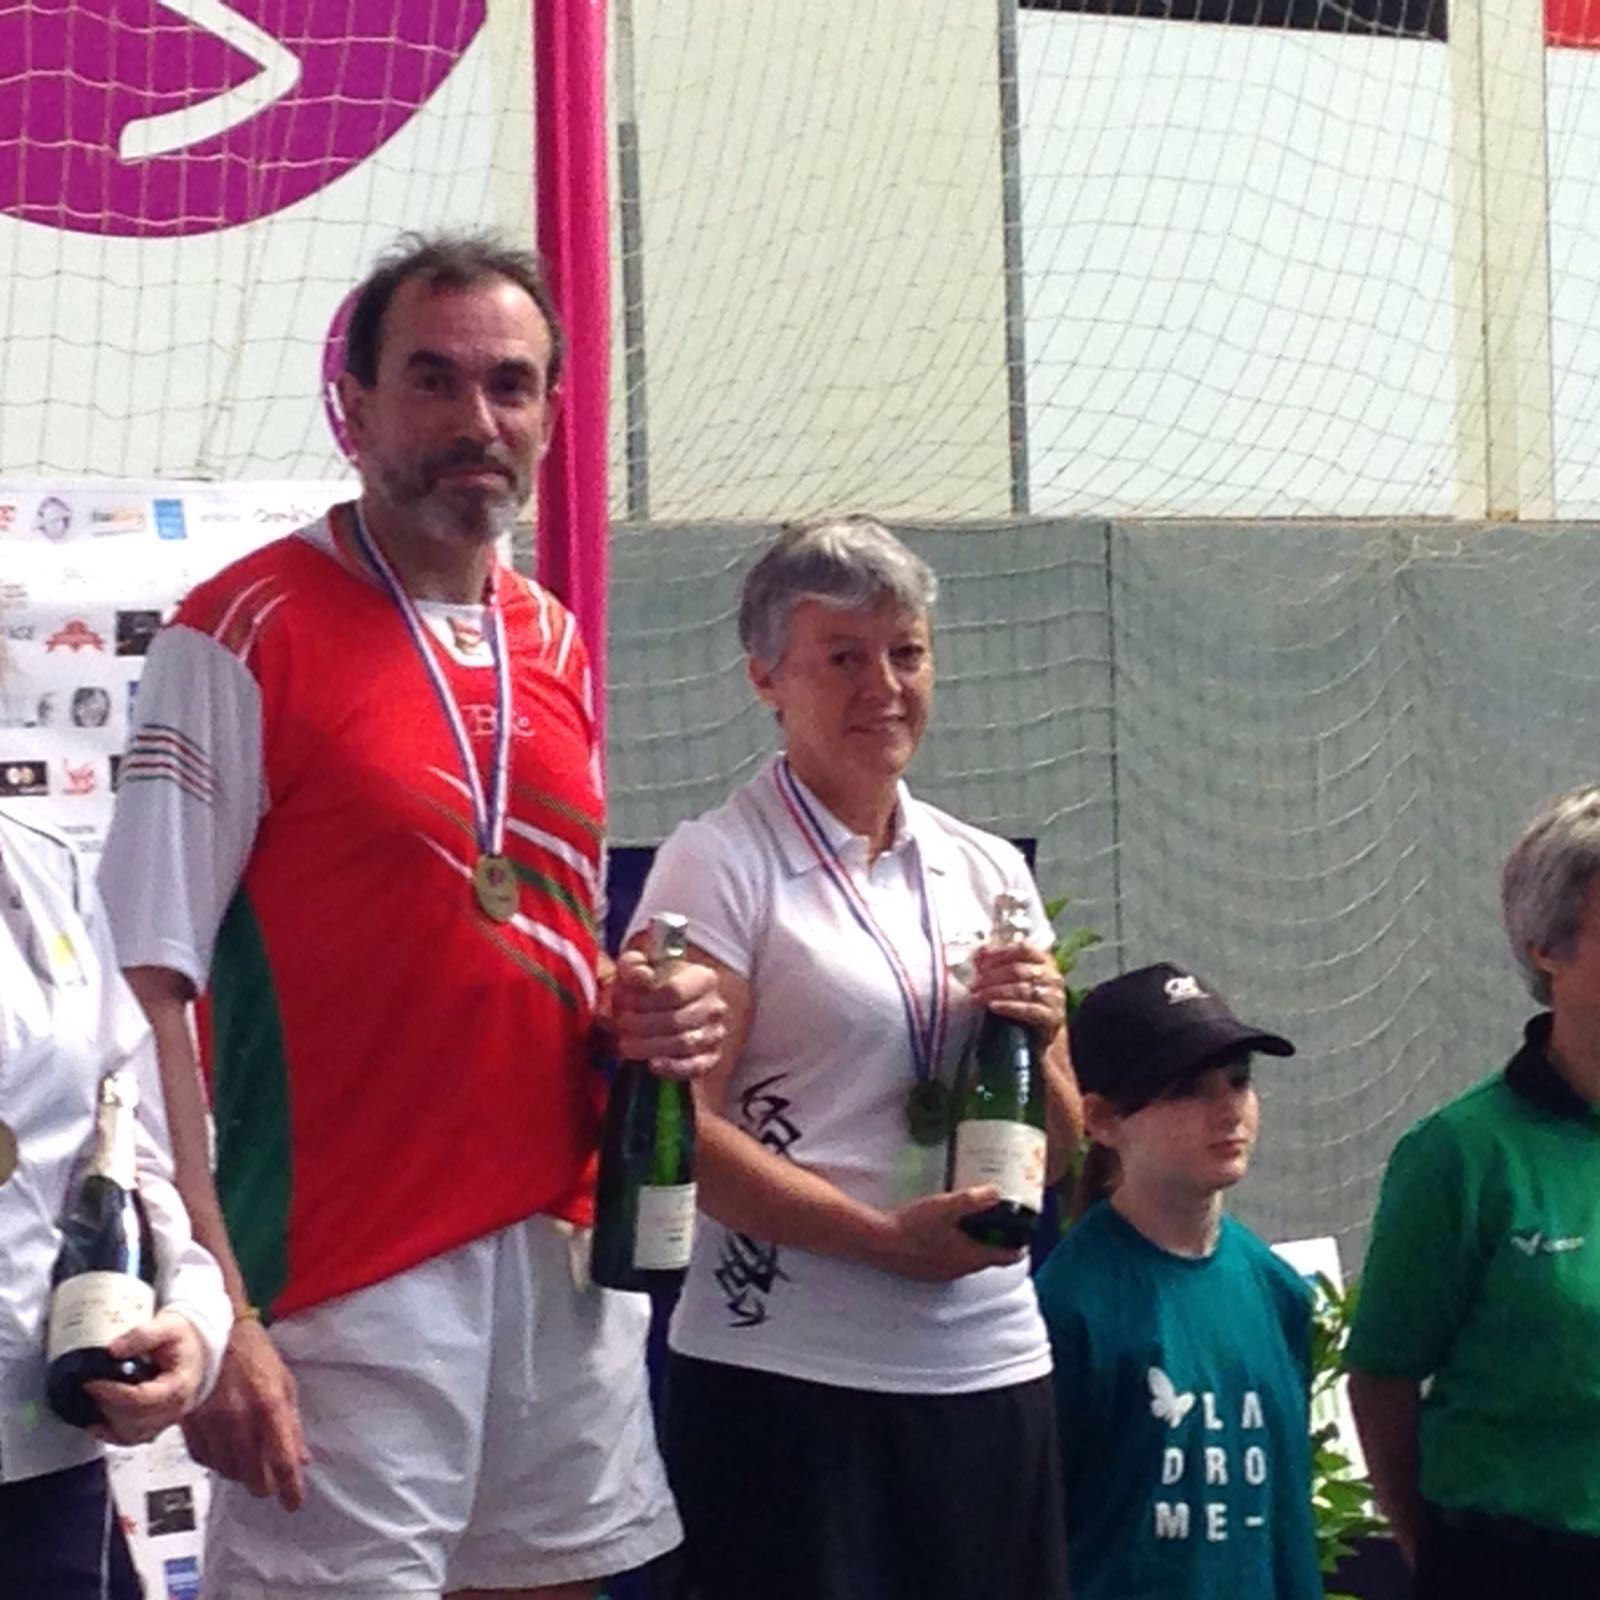 Médaillée de Bronze au championnat de France